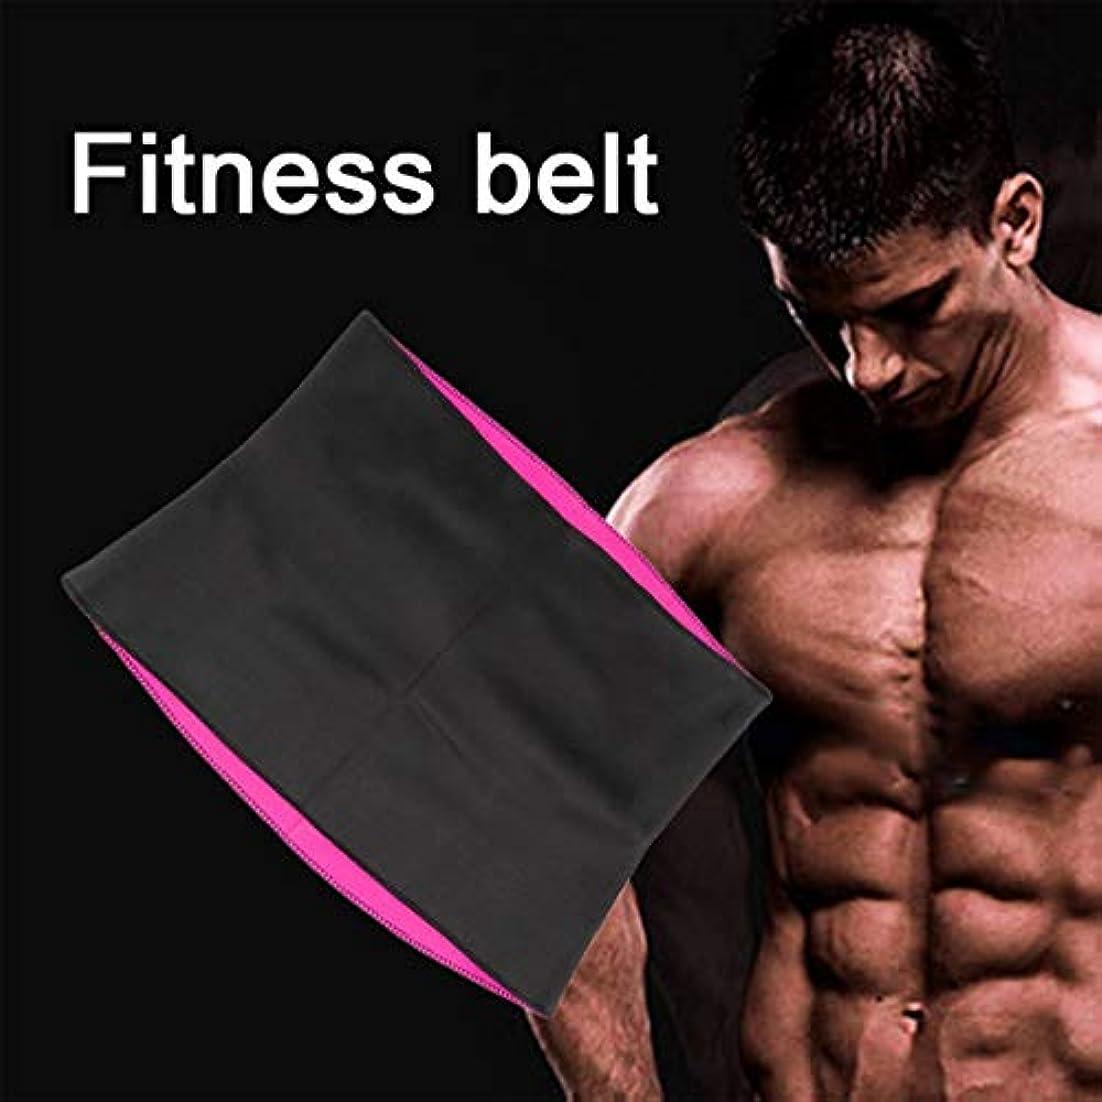 アストロラーベ吸うまどろみのあるWomen Adult Solid Neoprene Healthy Slimming Weight Loss Waist Belts Body Shaper Slimming Trainer Trimmer Corsets